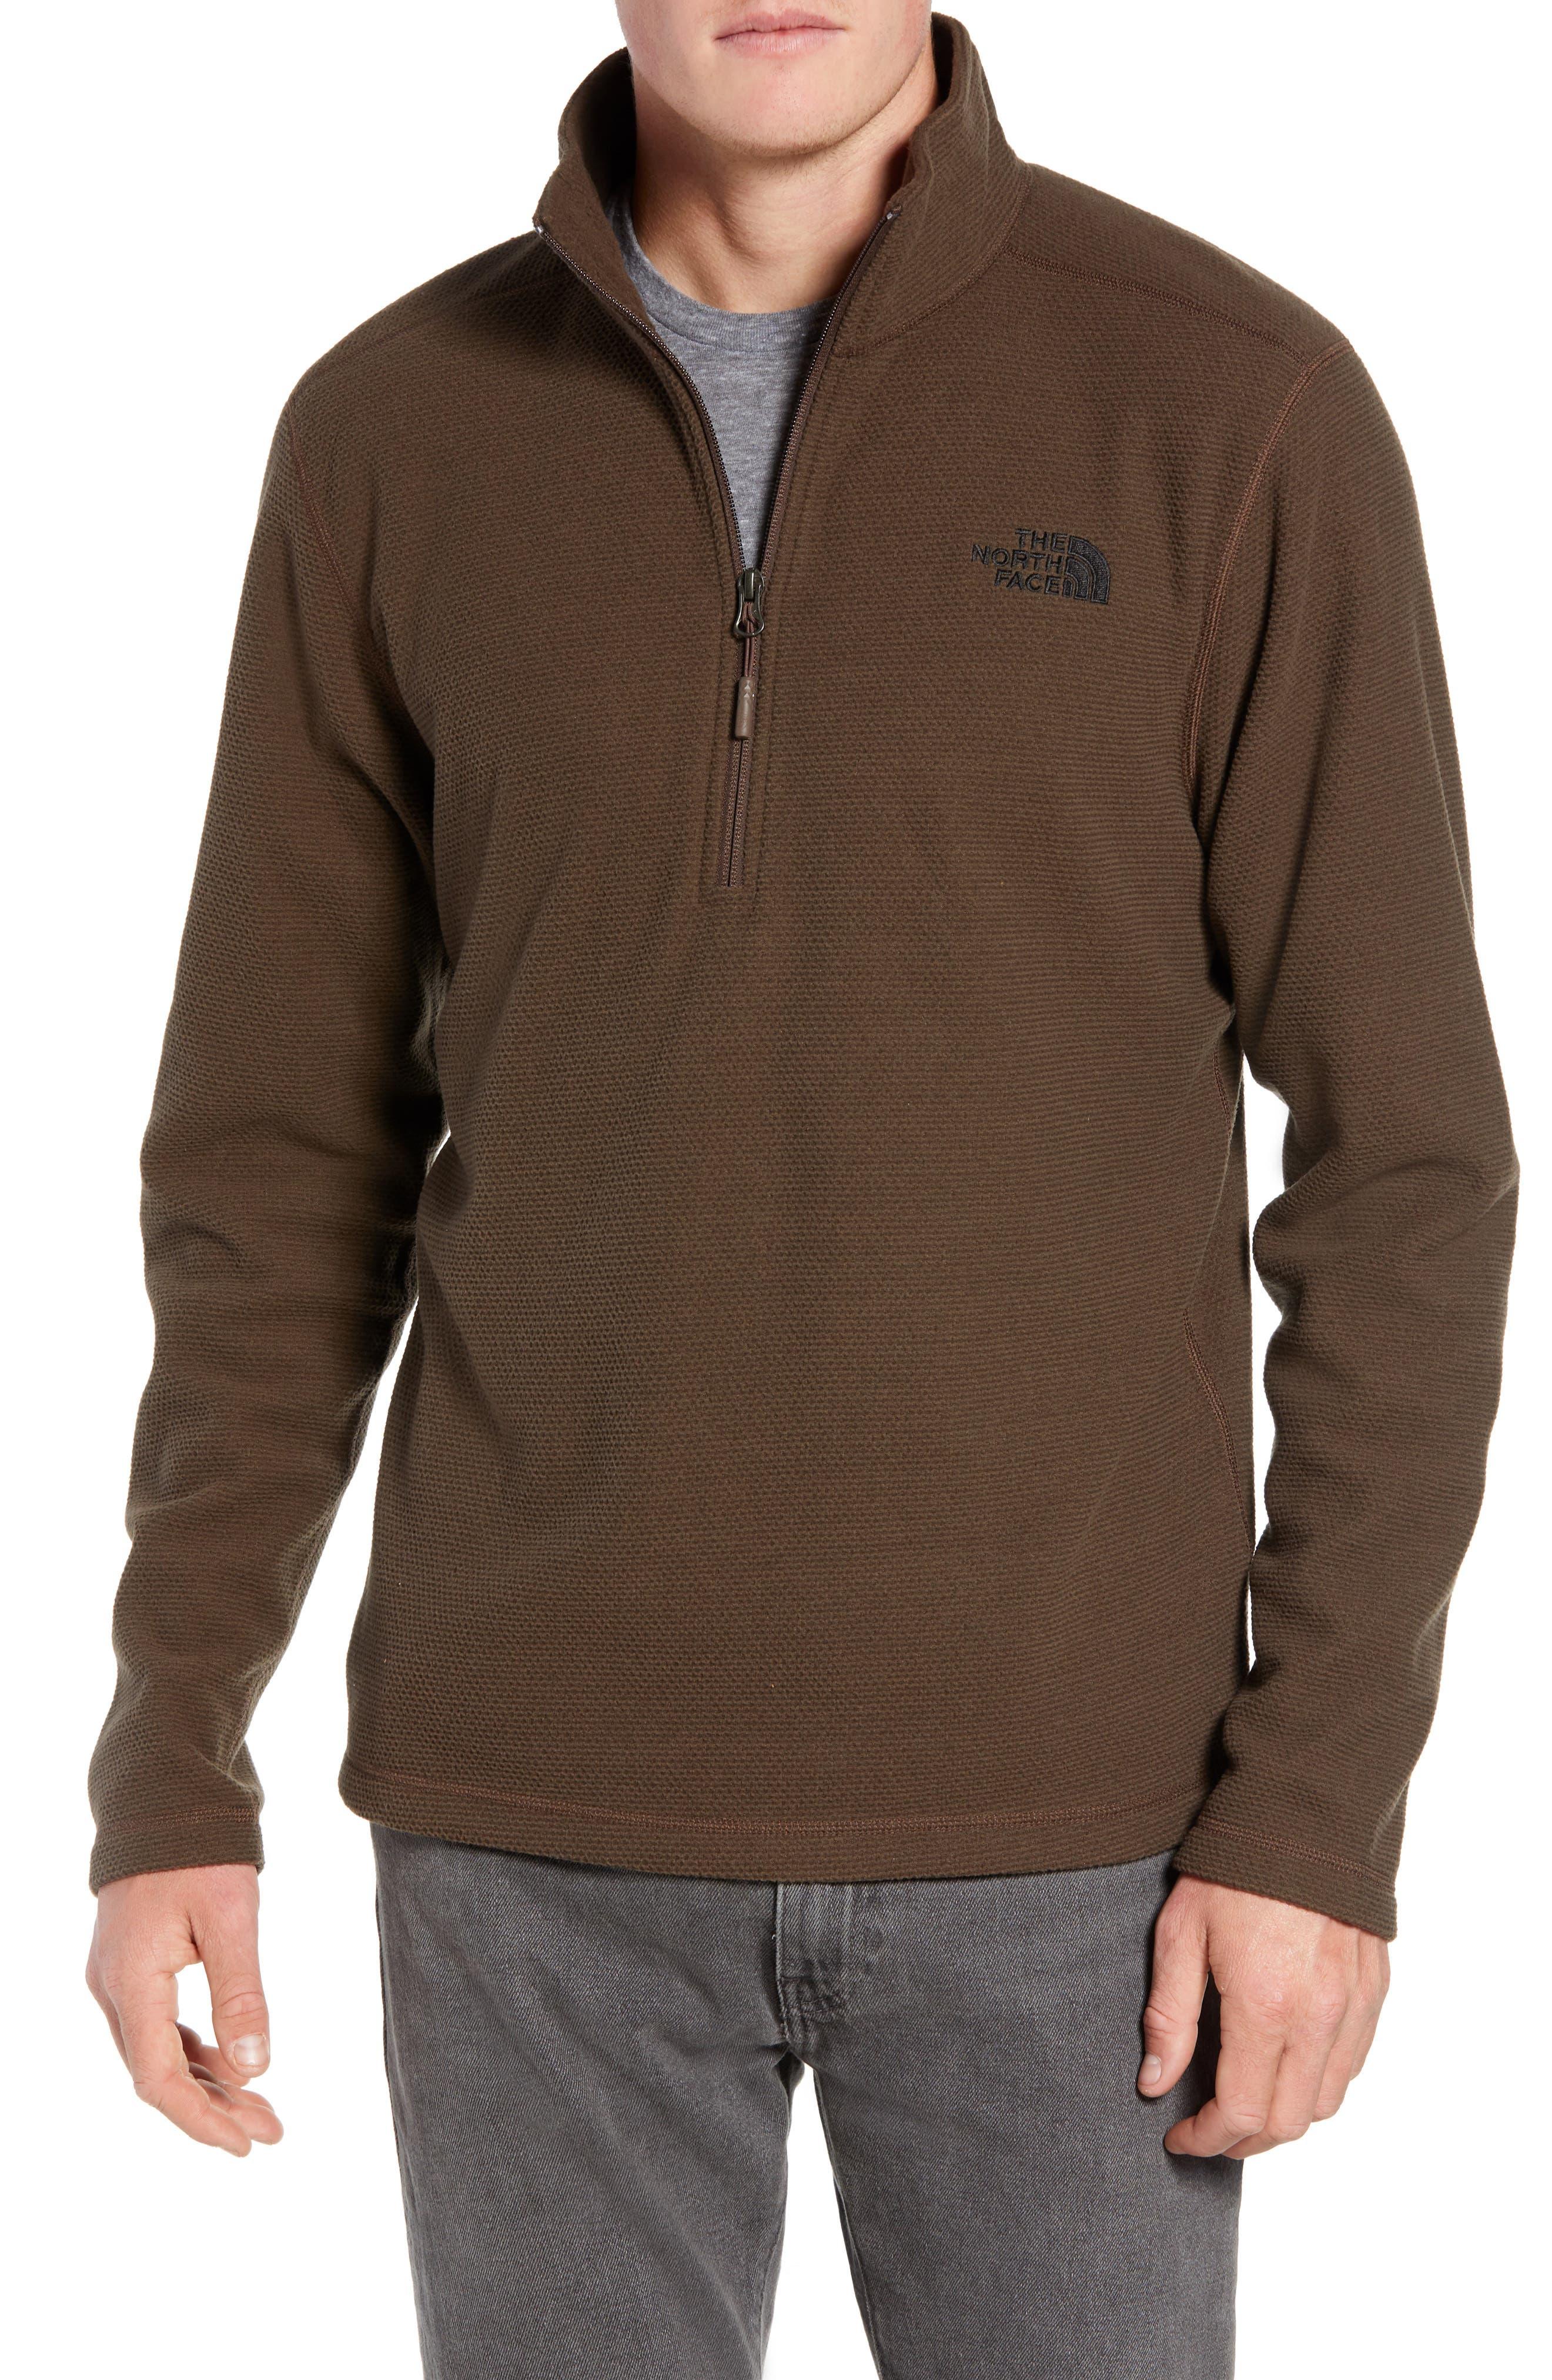 Texture Cap Rock Quarter Zip Fleece Jacket,                             Main thumbnail 1, color,                             BRACKEN BROWN